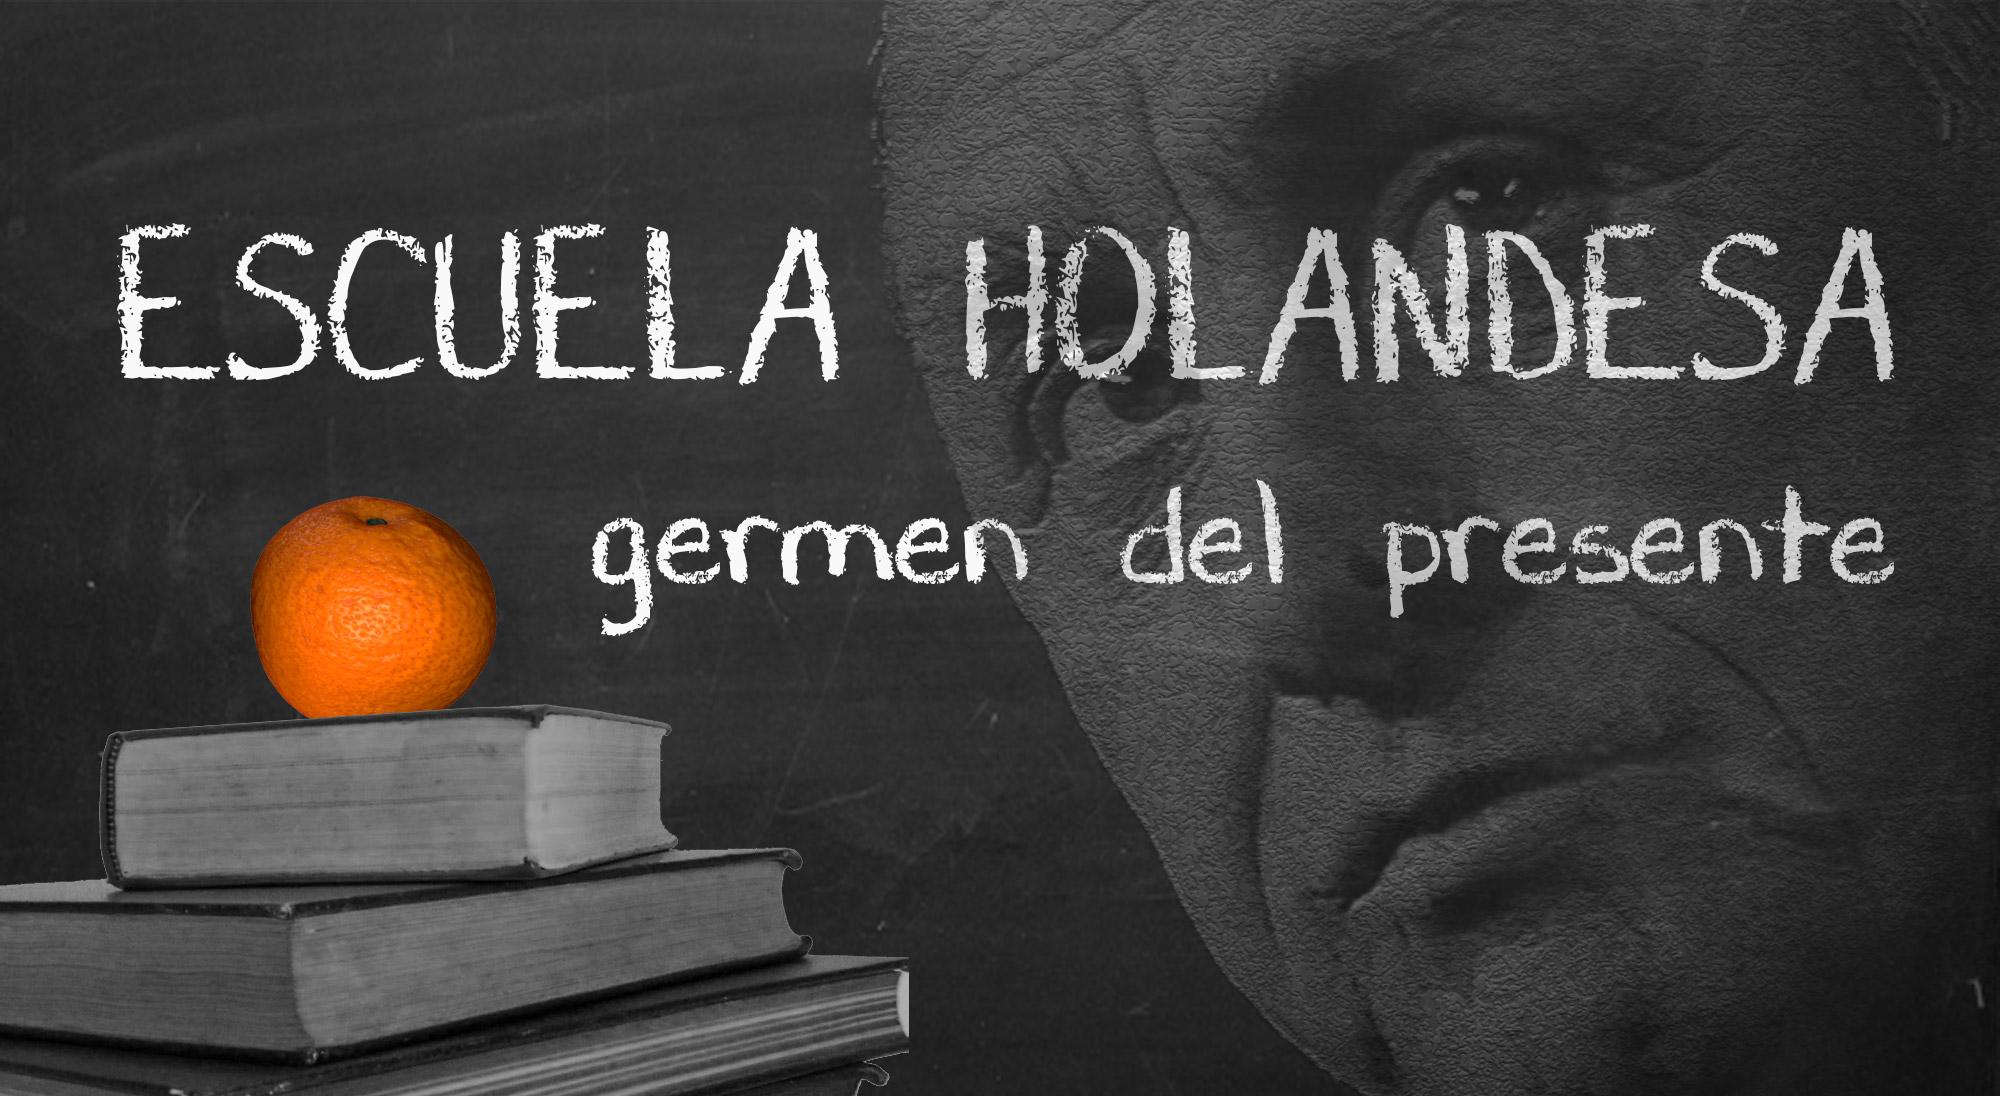 Cabecera Escuela holandesa